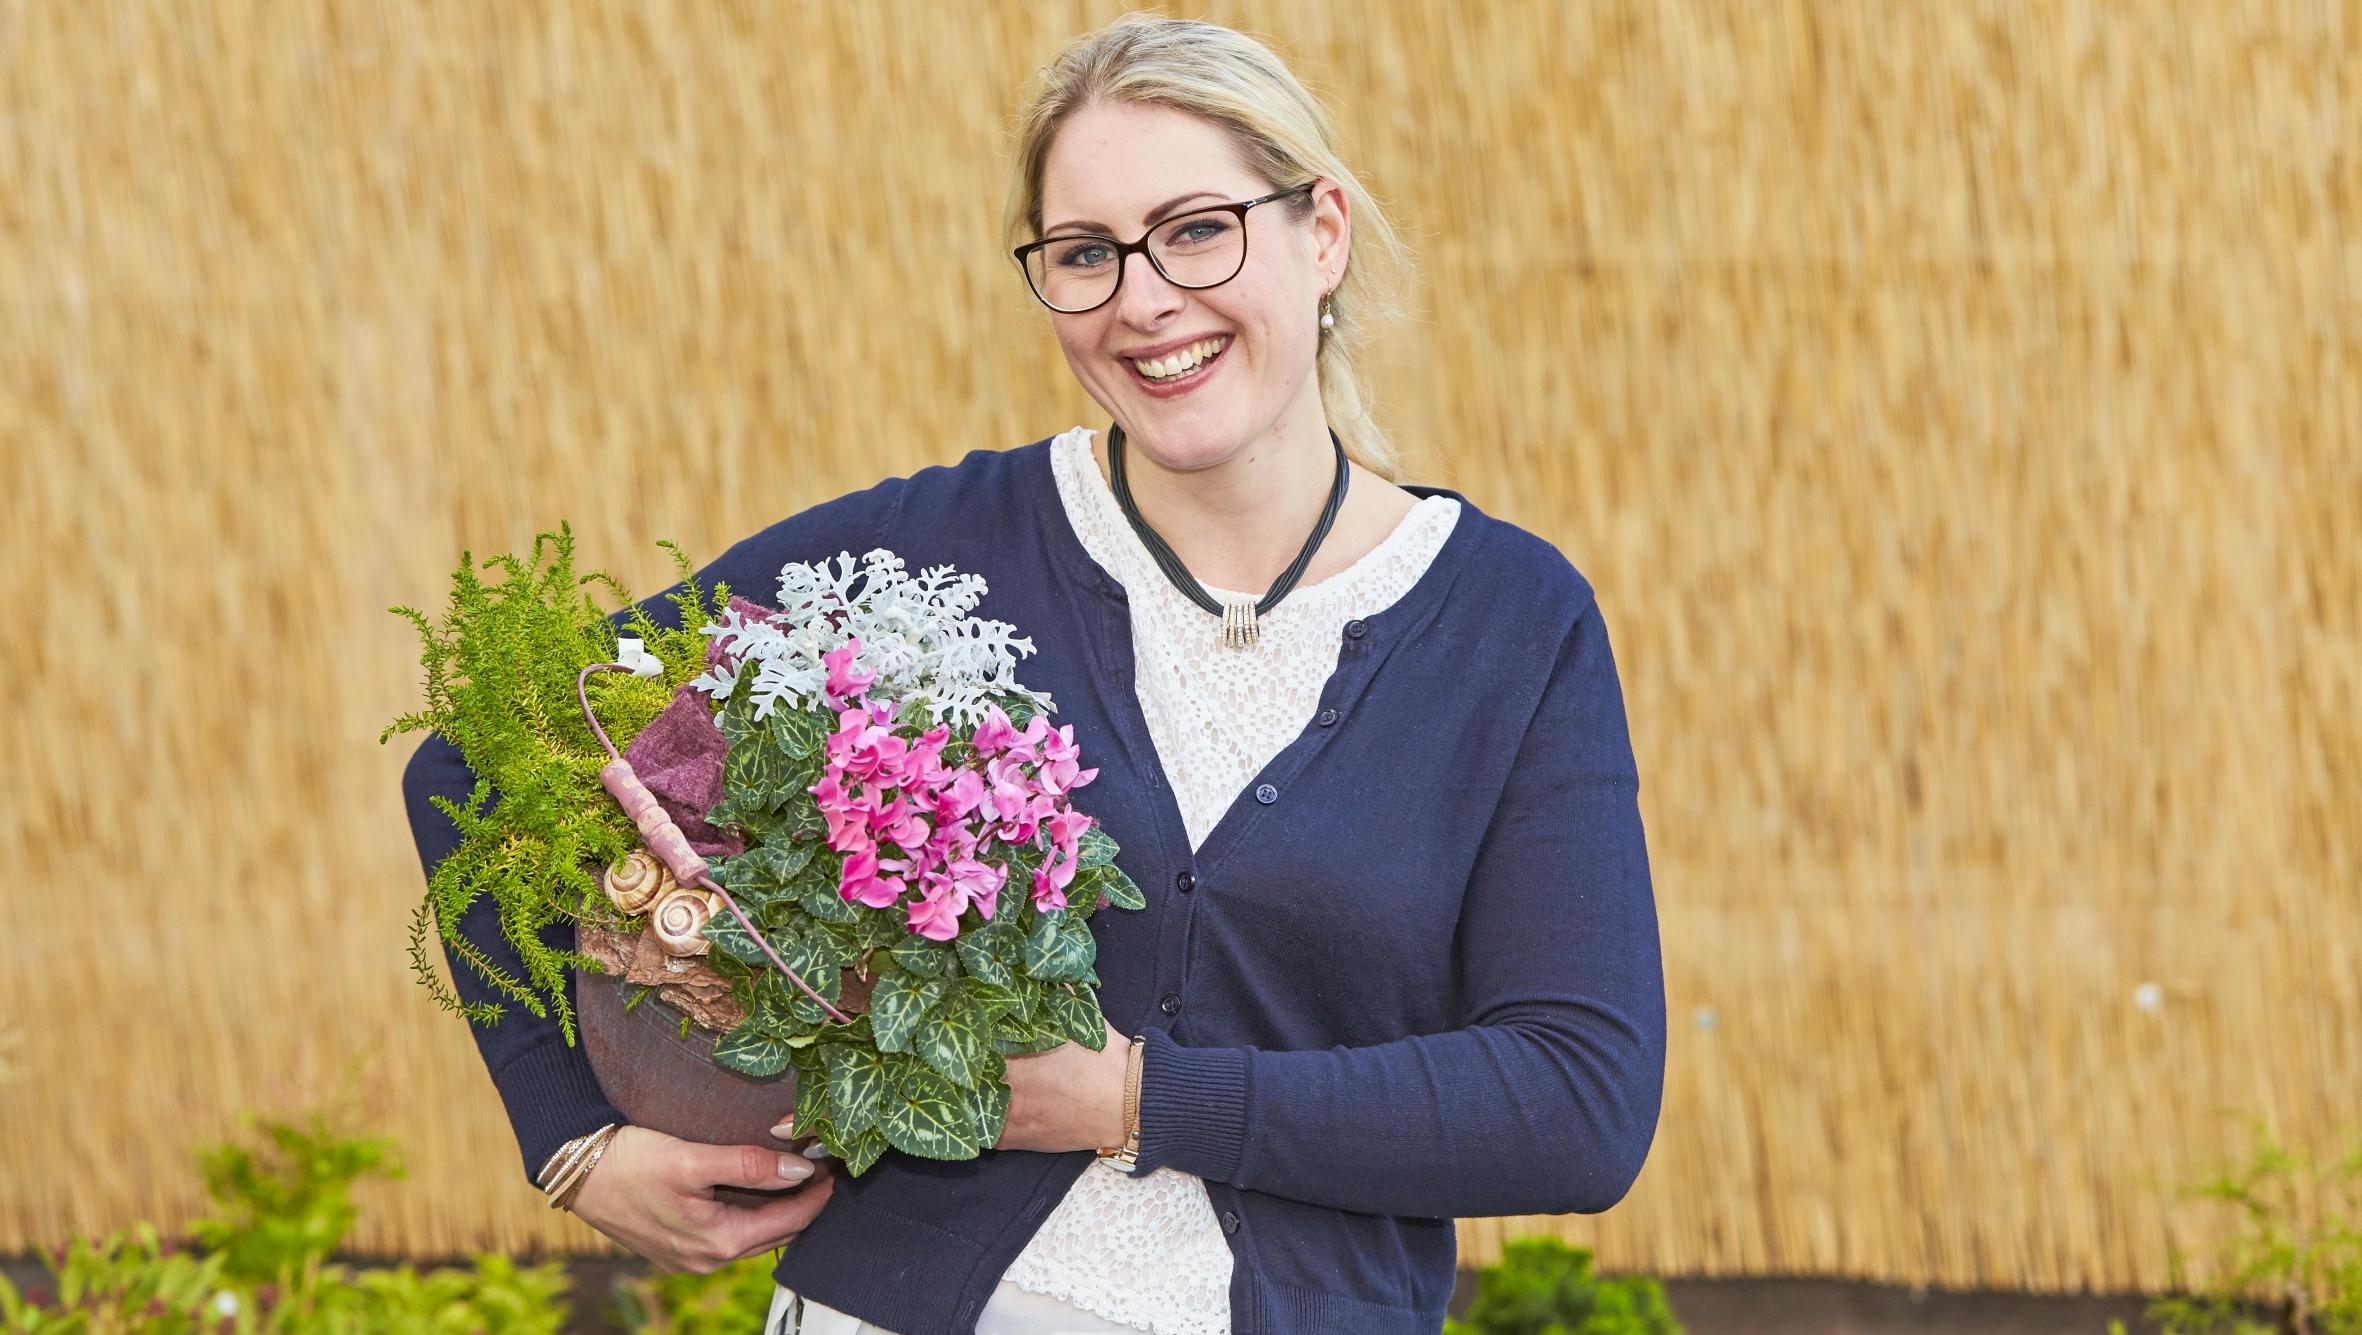 Herbstliche Freuden: Blumen und Pflanzen zaubern immer ein Lächeln ins Gesicht